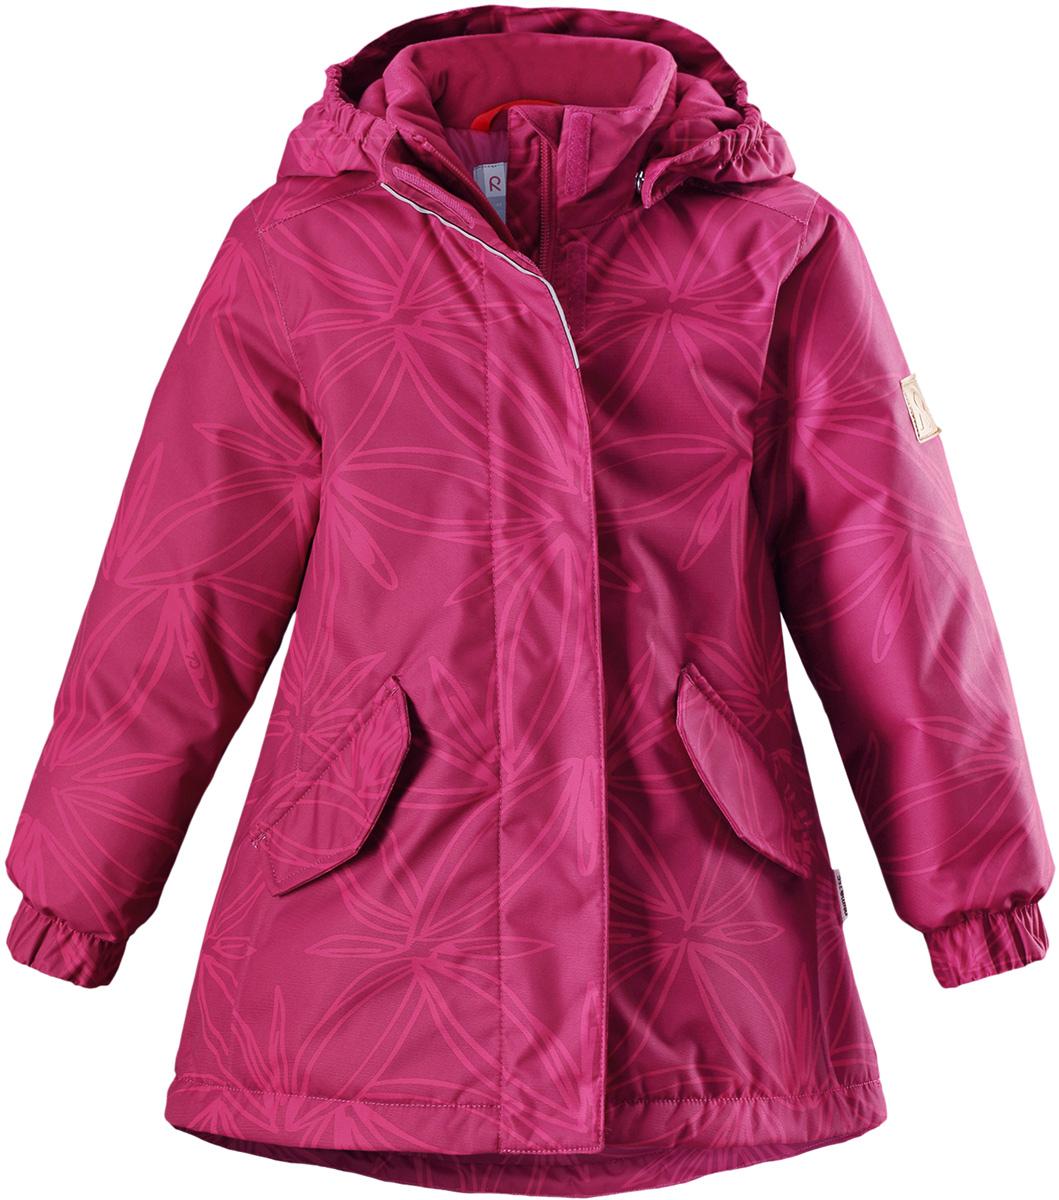 Куртка для девочки Reima Reimatec Jousi, цвет: розовый. 5215123926. Размер 1225215123926Детская зимняя куртка Reimatec изготовлена из износостойкого, водо- и ветронепроницаемого, дышащего материала с водо- и грязеотталкивающей поверхностью. Основные швы в куртке проклеены и водонепроницаемы, поэтому неожиданный снегопад или дождь не помешает веселым играм на свежем воздухе! Эта куртка с подкладкой из гладкого полиэстера легко надевается, и ее очень удобно носить. Благодаря регулируемой талии и подолу эта куртка прямого кроя отлично сидит по фигуре. Капюшон снабжен кнопками. Это обеспечивает дополнительную безопасность во время активных прогулок – капюшон легко отстегивается, если случайно за что-нибудь зацепится. Эластичные манжеты, два передних кармана с клапанами и светоотражающие детали.Средняя степень утепления.